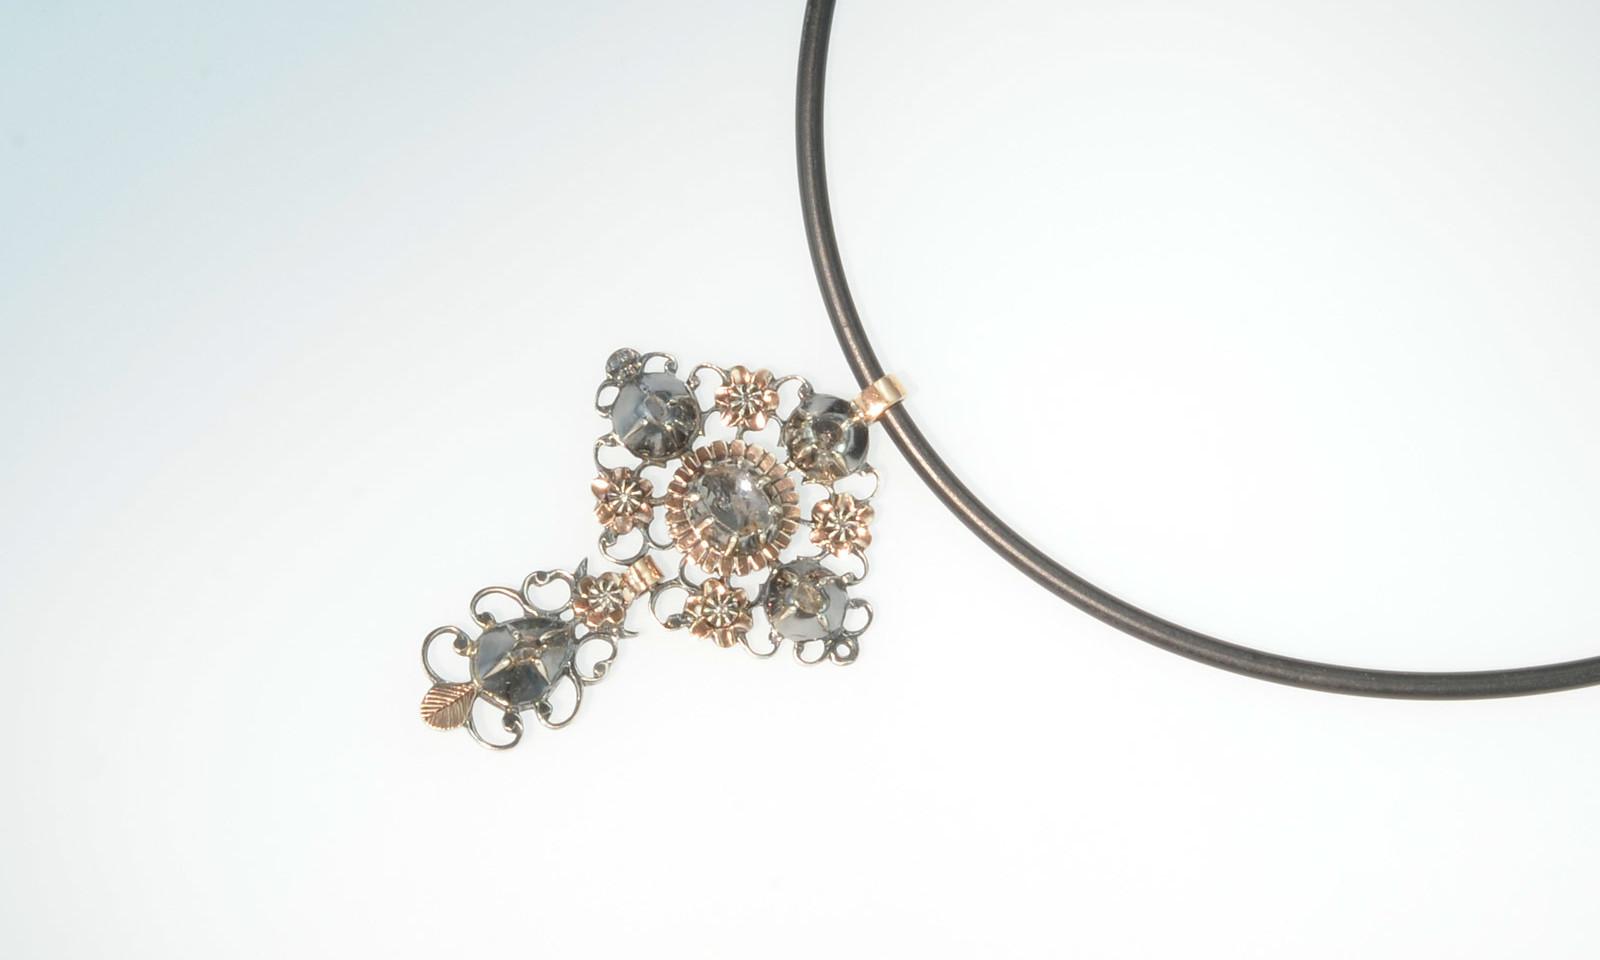 Anhaenger holland. Anhänger Silber 833 und Rotgold mit Diamanten, Holland um 1830, CHF 2200.-